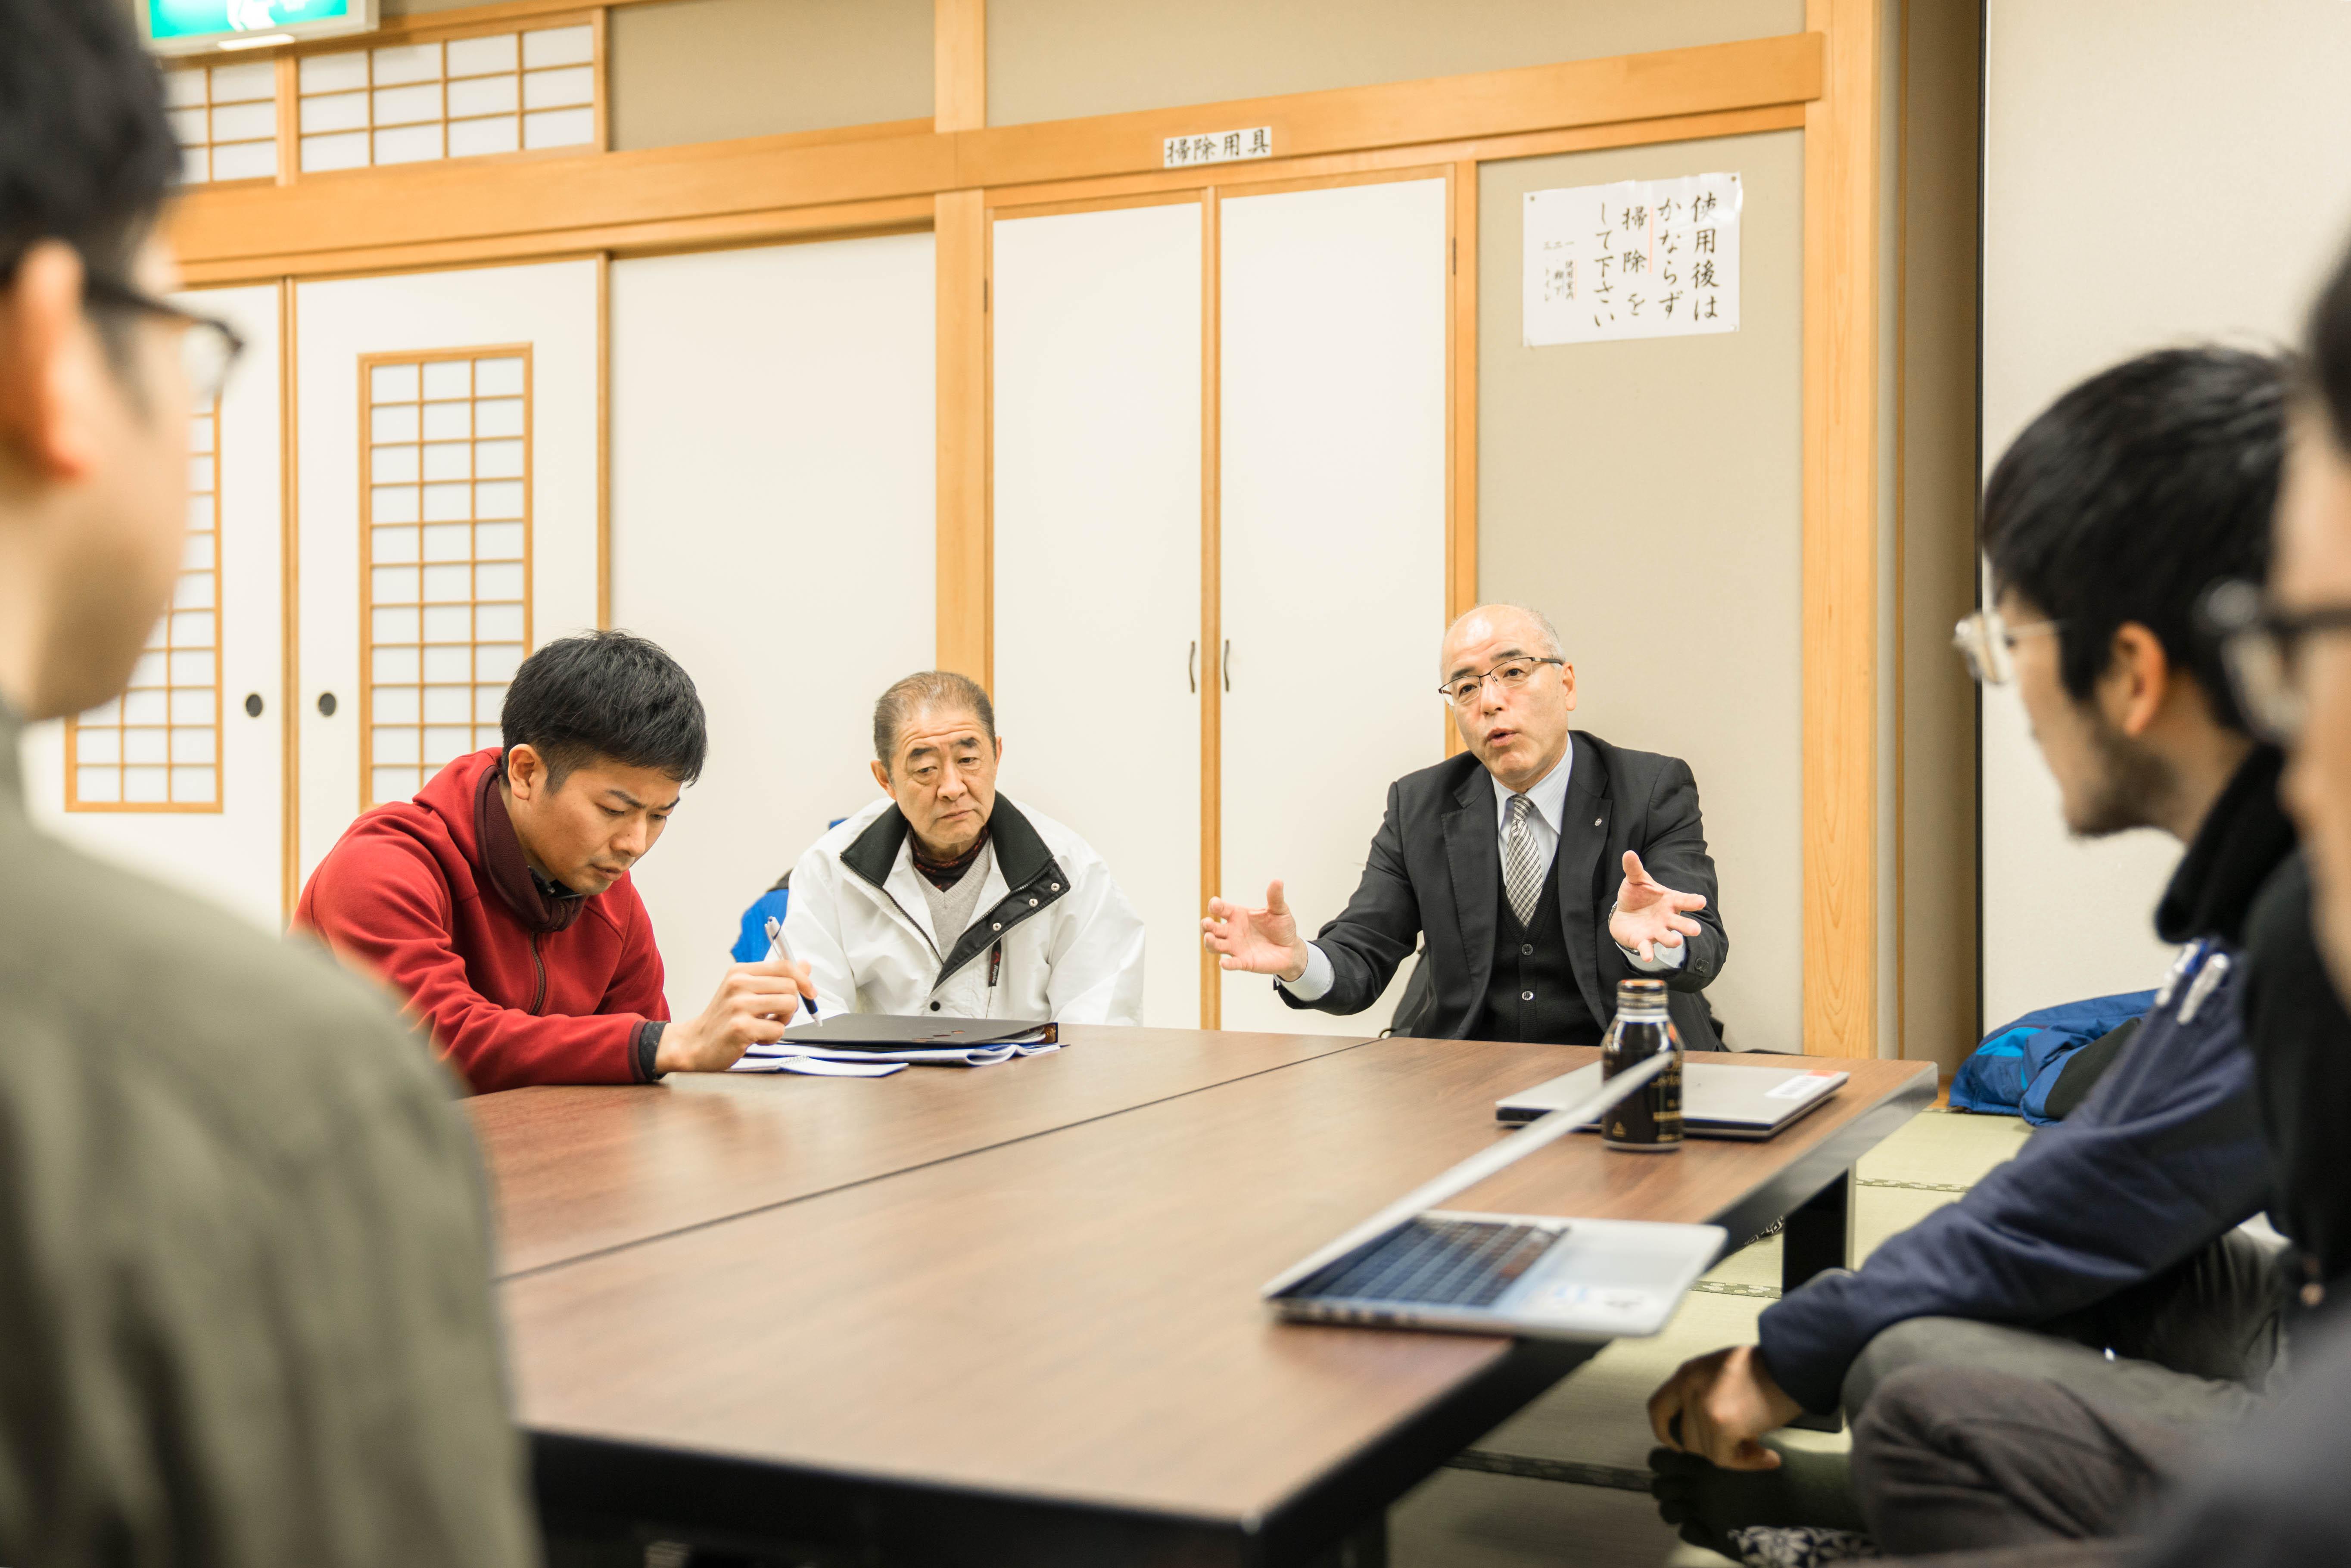 写真中央右が村長兼森林組合長の大久保憲一さん、その左が根羽村森林組合の専務理事・鈴木吉明さん。